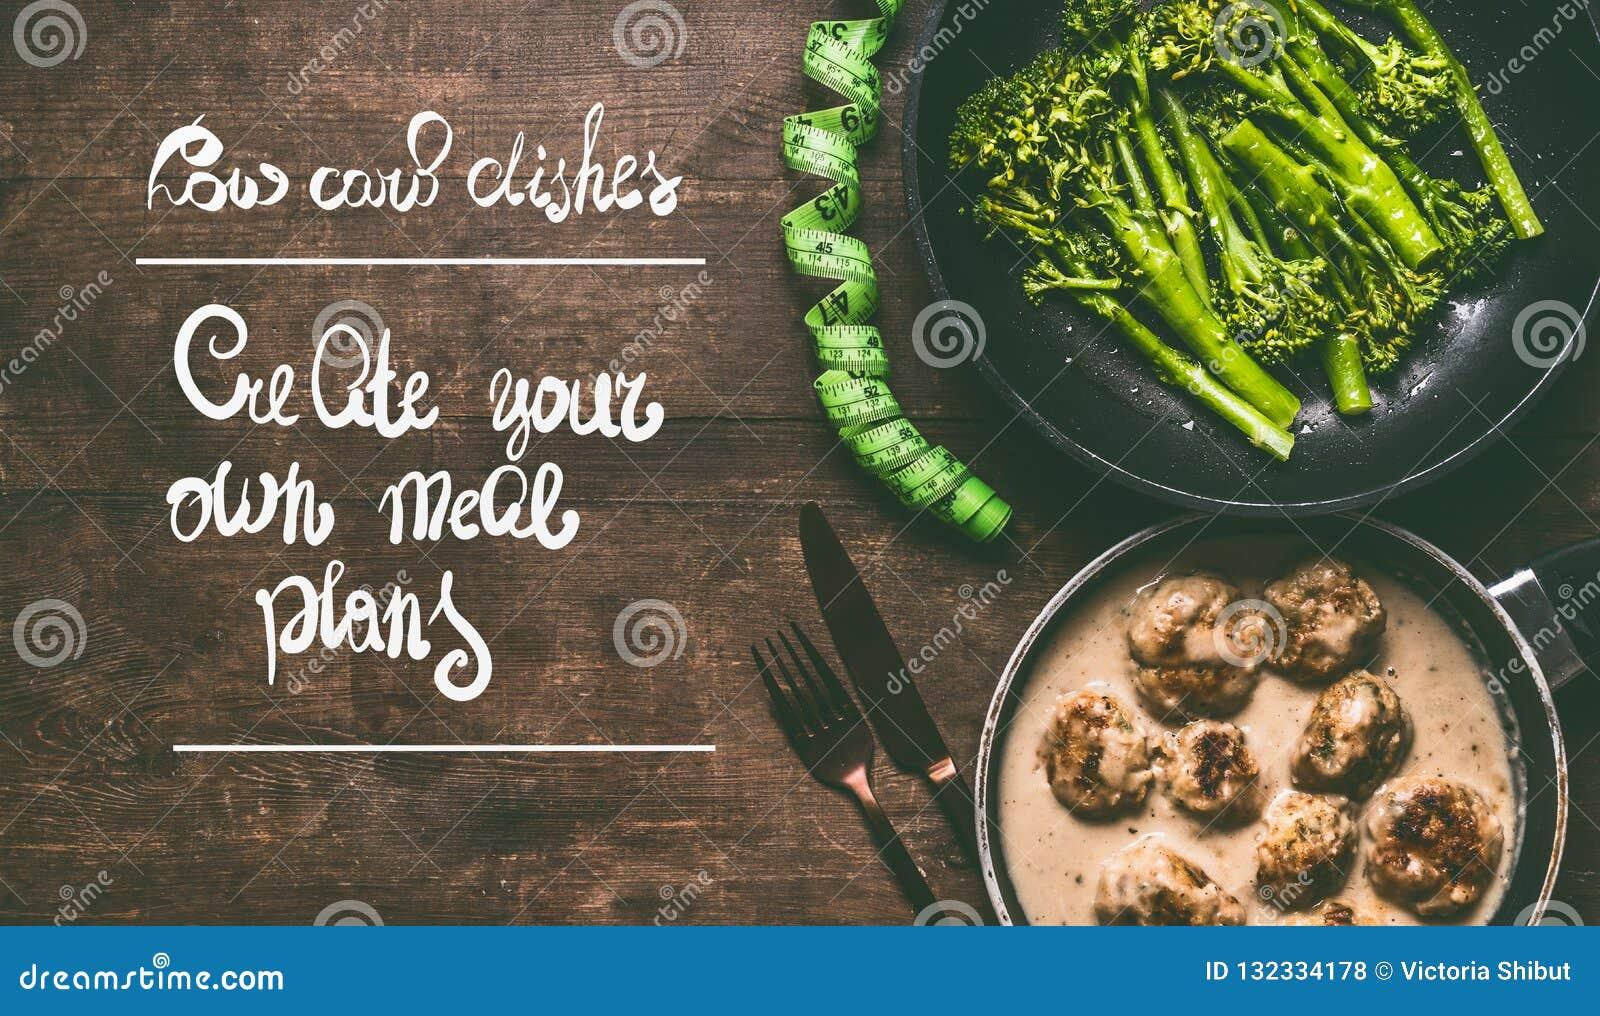 Lage carburatorschotels met vleesballen, broccoli, bestek en maatregelenband op houten achtergrond met tekst: creeer uw eigen maa